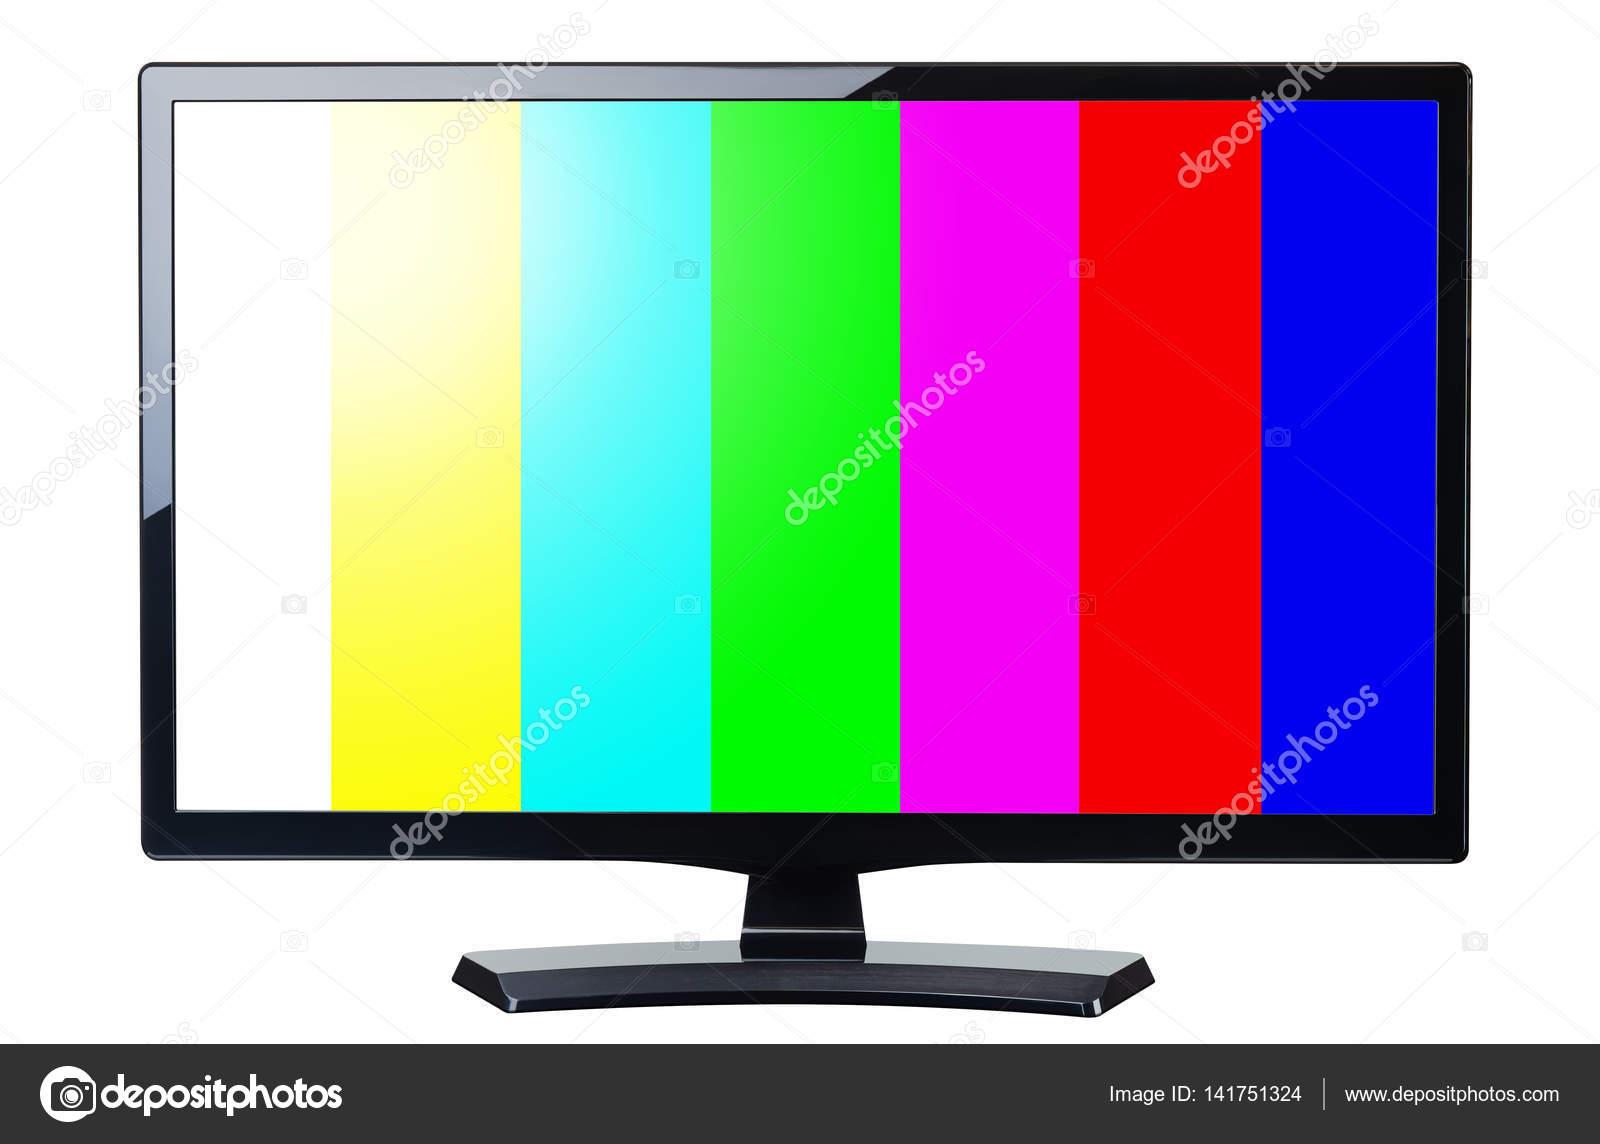 pantalla monitor tv vídeo retro con colores barras aisladas Foto de stock © canbedone #141751324